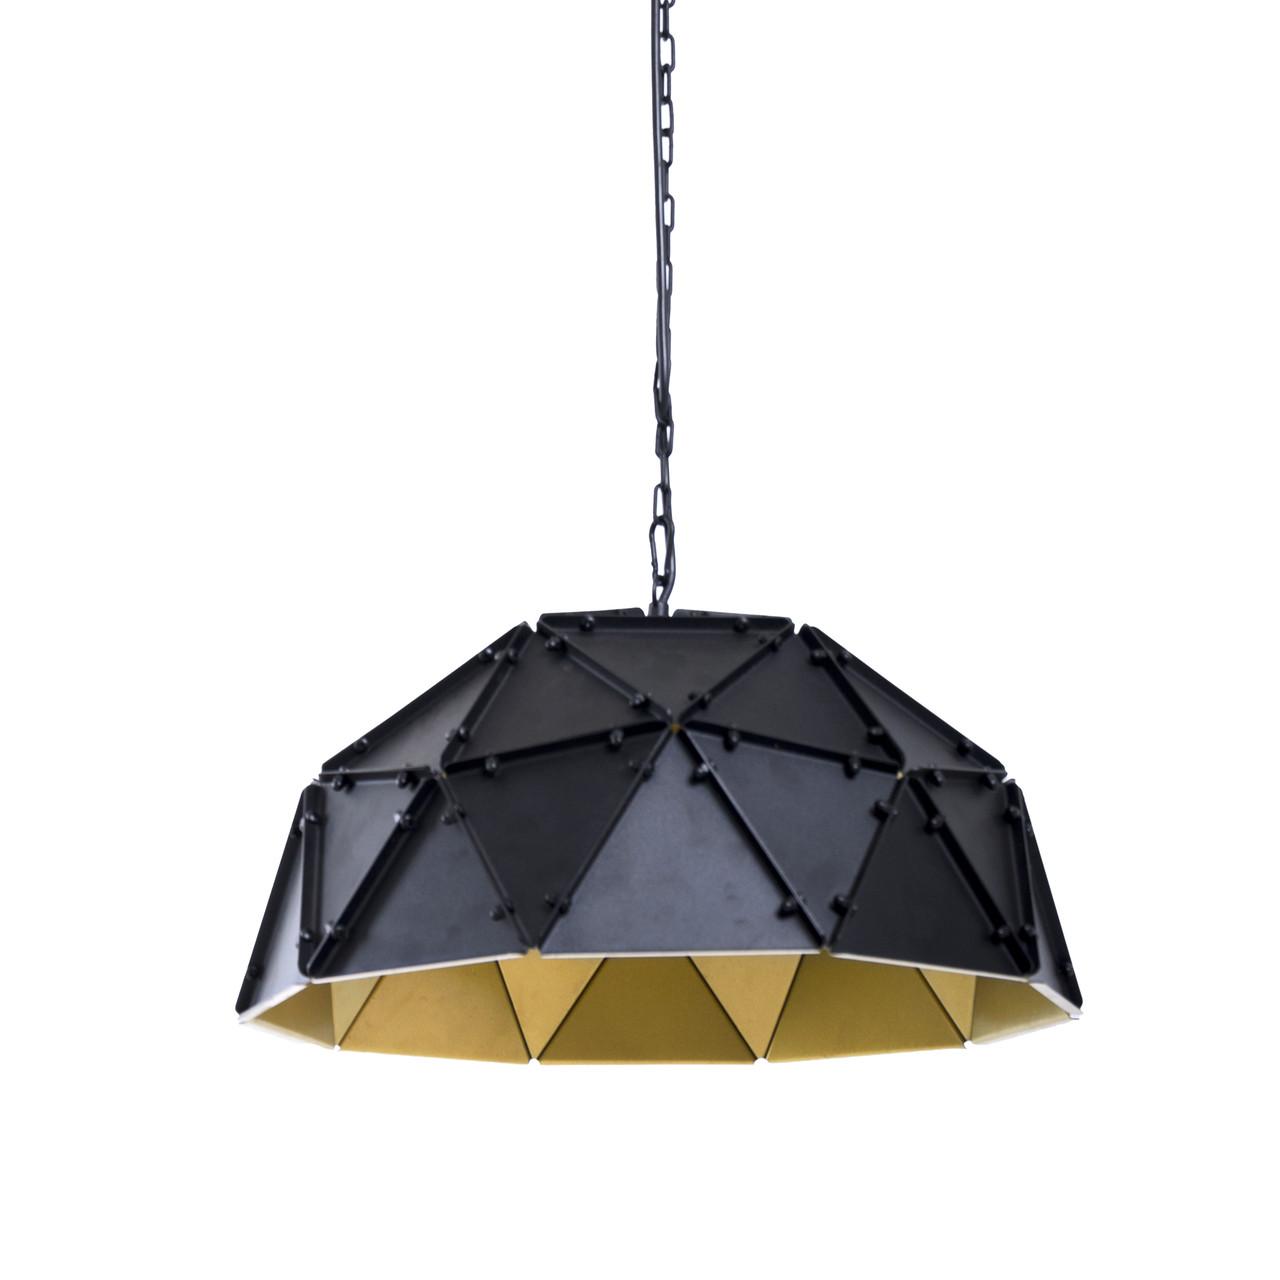 Светильник подвесной Atmolight Roanne P46 Черный с золотом (1404)